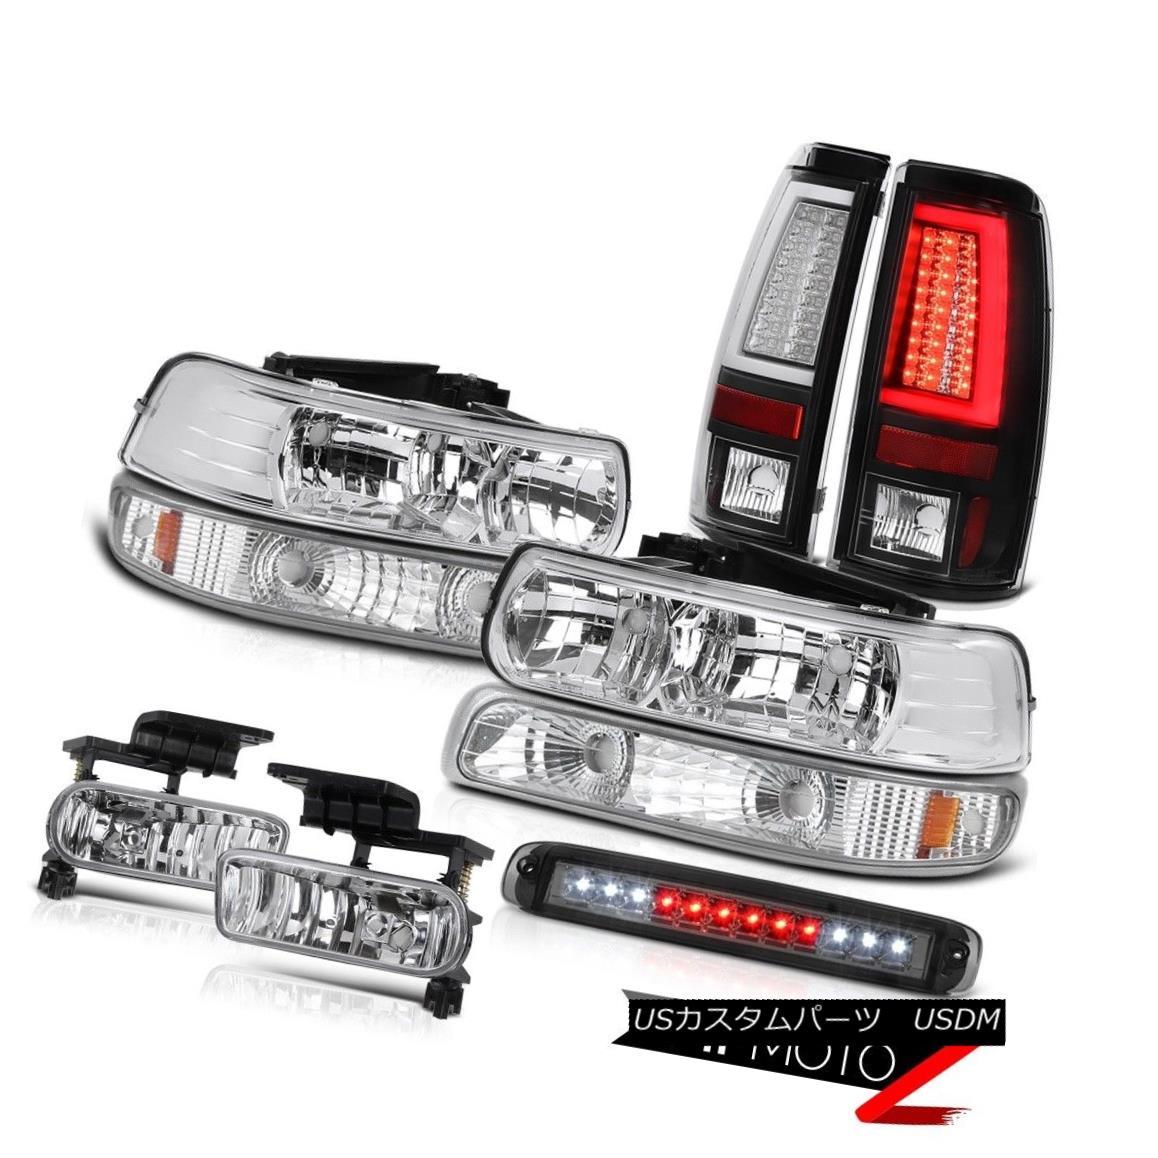 テールライト 99-02 Silverado LS Taillamps Roof Cargo Lamp Bumper Light Headlamps Foglamps LED 99-02 Silverado LS Taillamps屋根貨物ランプバンパーライトヘッドランプフォグランプLED